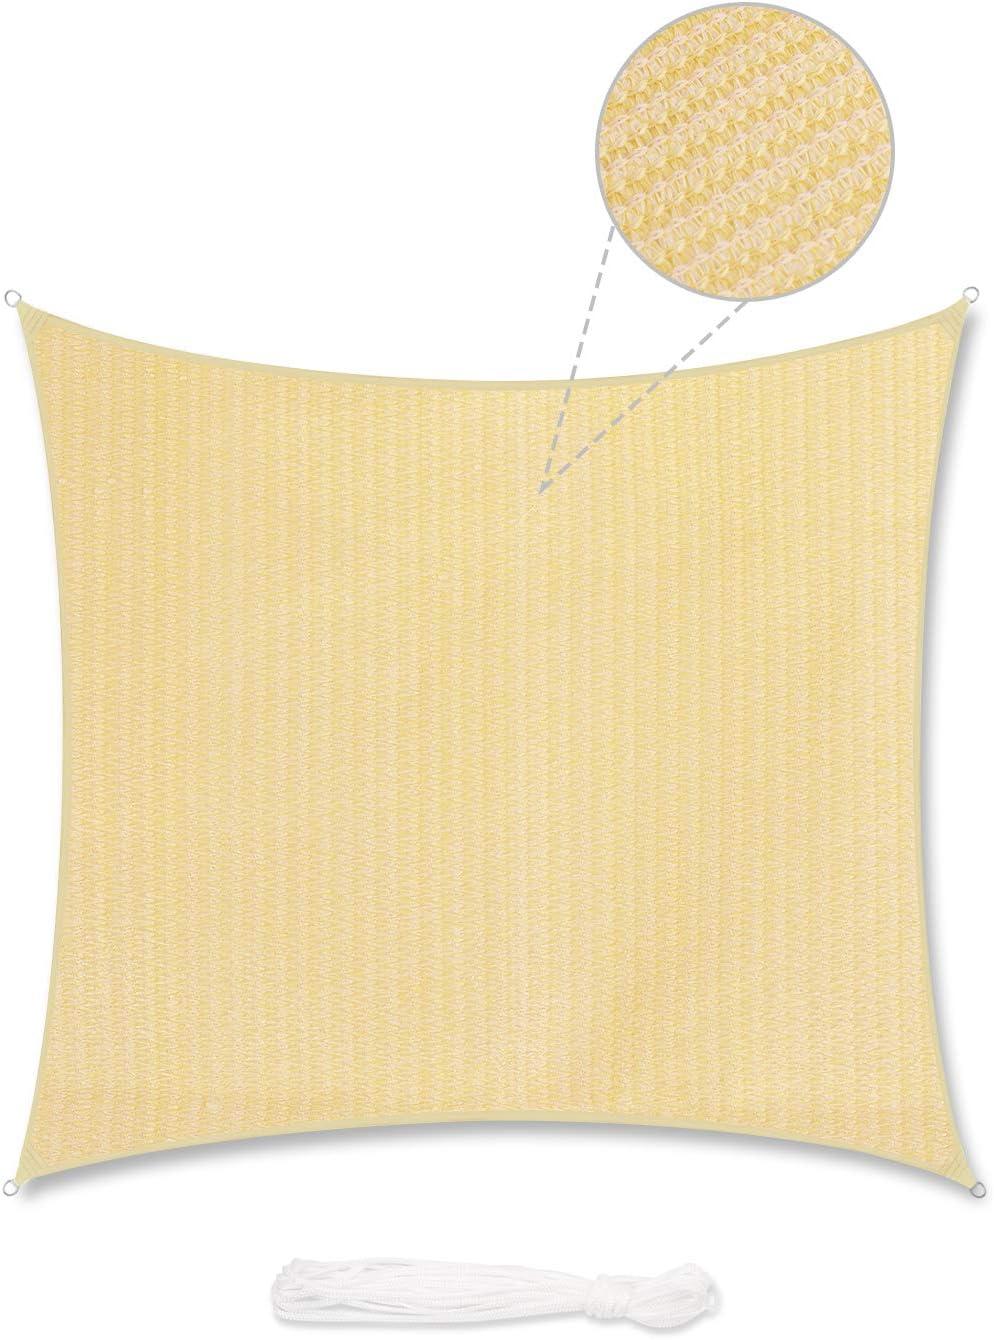 Sekey Toldo Vela de Sombra Cuadrado HDPE Protección Rayos UV Resistente Permeable Transpirable para Patio, Exteriores, Jardín, con Cuerda Libre y Kit de Montaje, 3.6×3.6m Beige: Amazon.es: Jardín